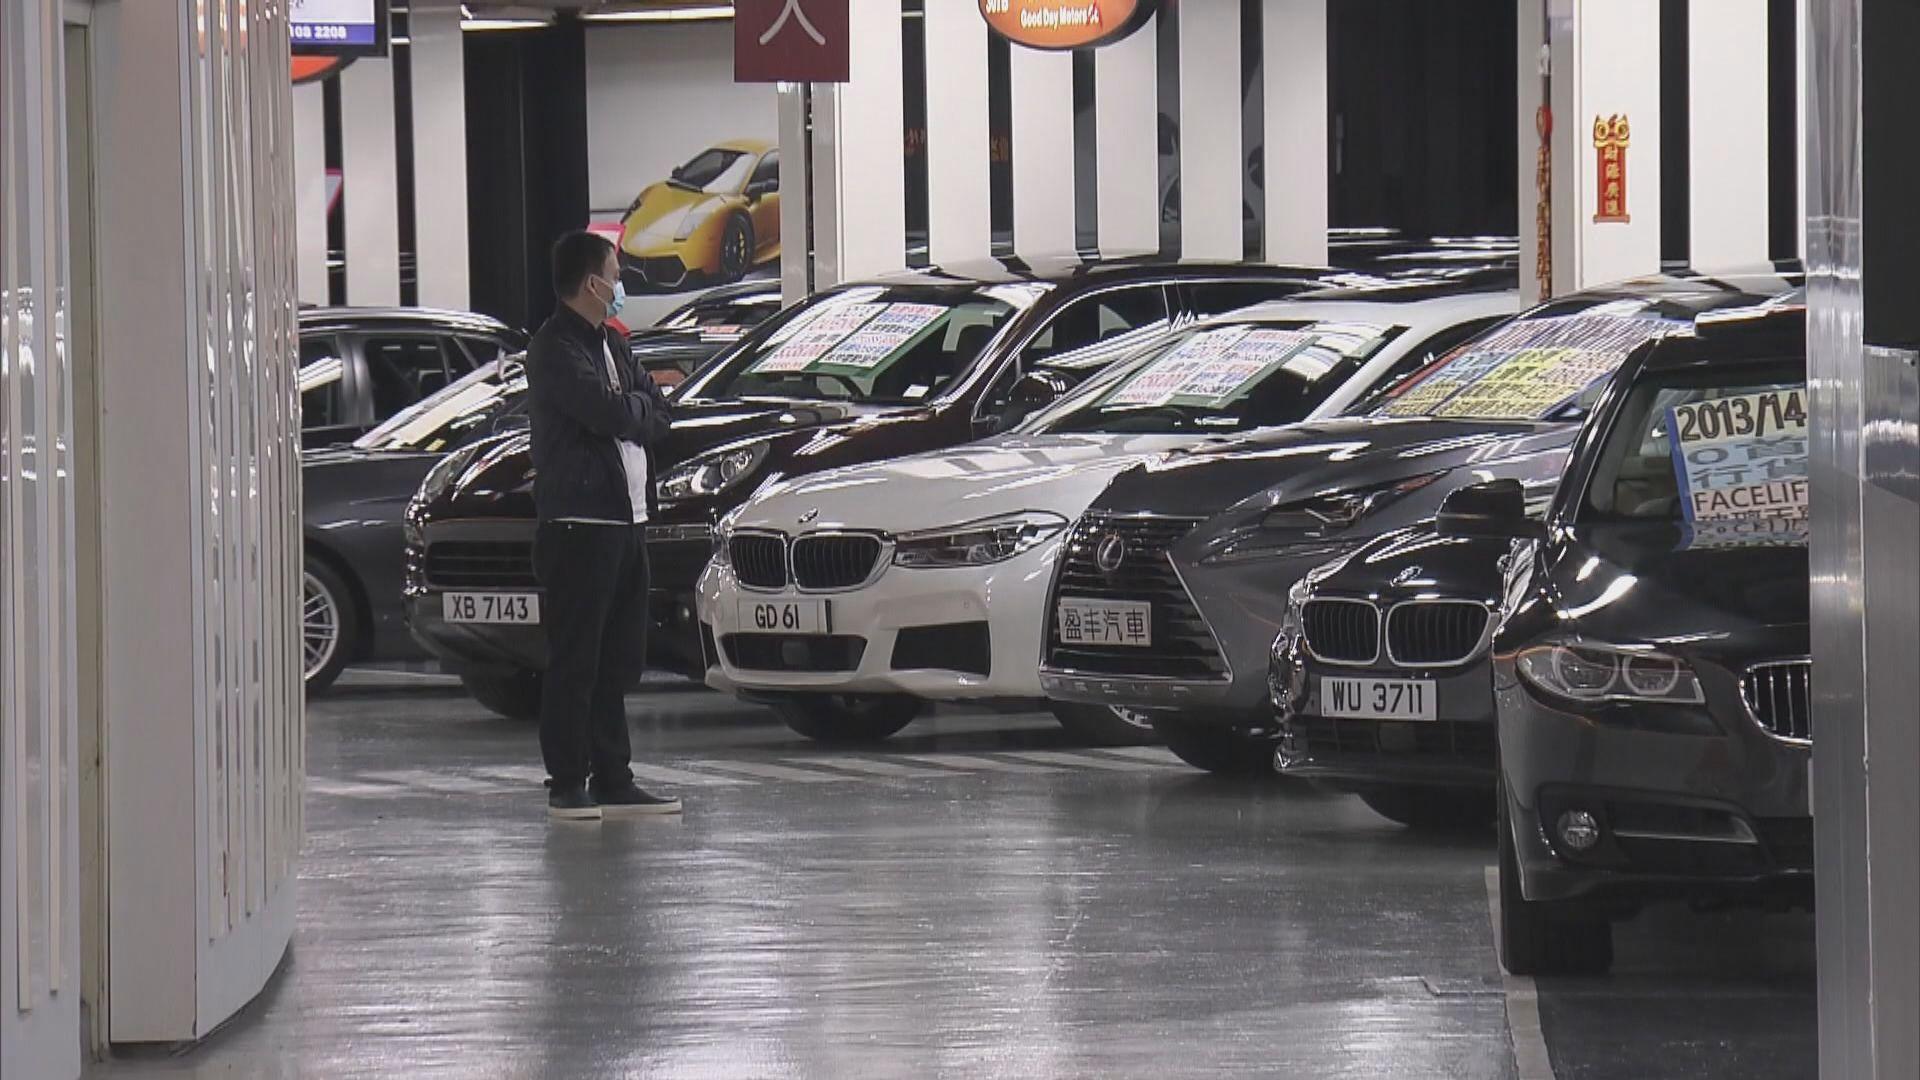 有車行老闆批評加私家車登記稅扼殺業界生存空間